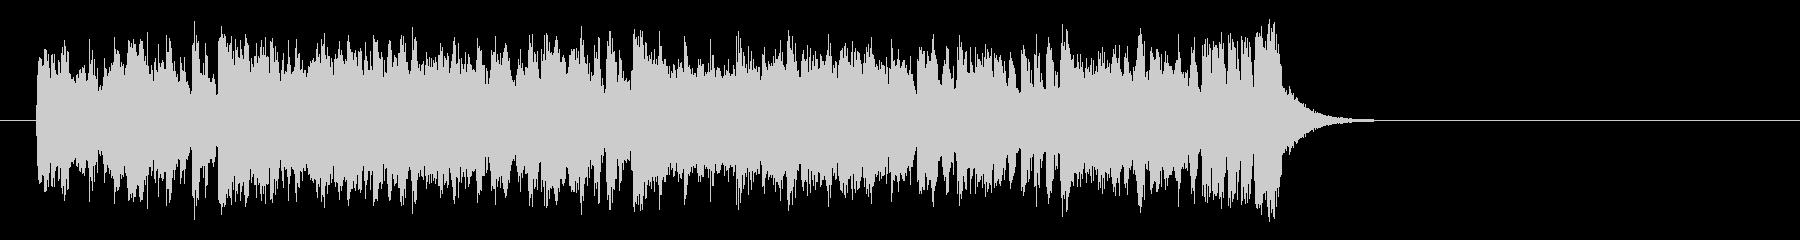 ハツラツな8ビートポップ(イントロ)の未再生の波形